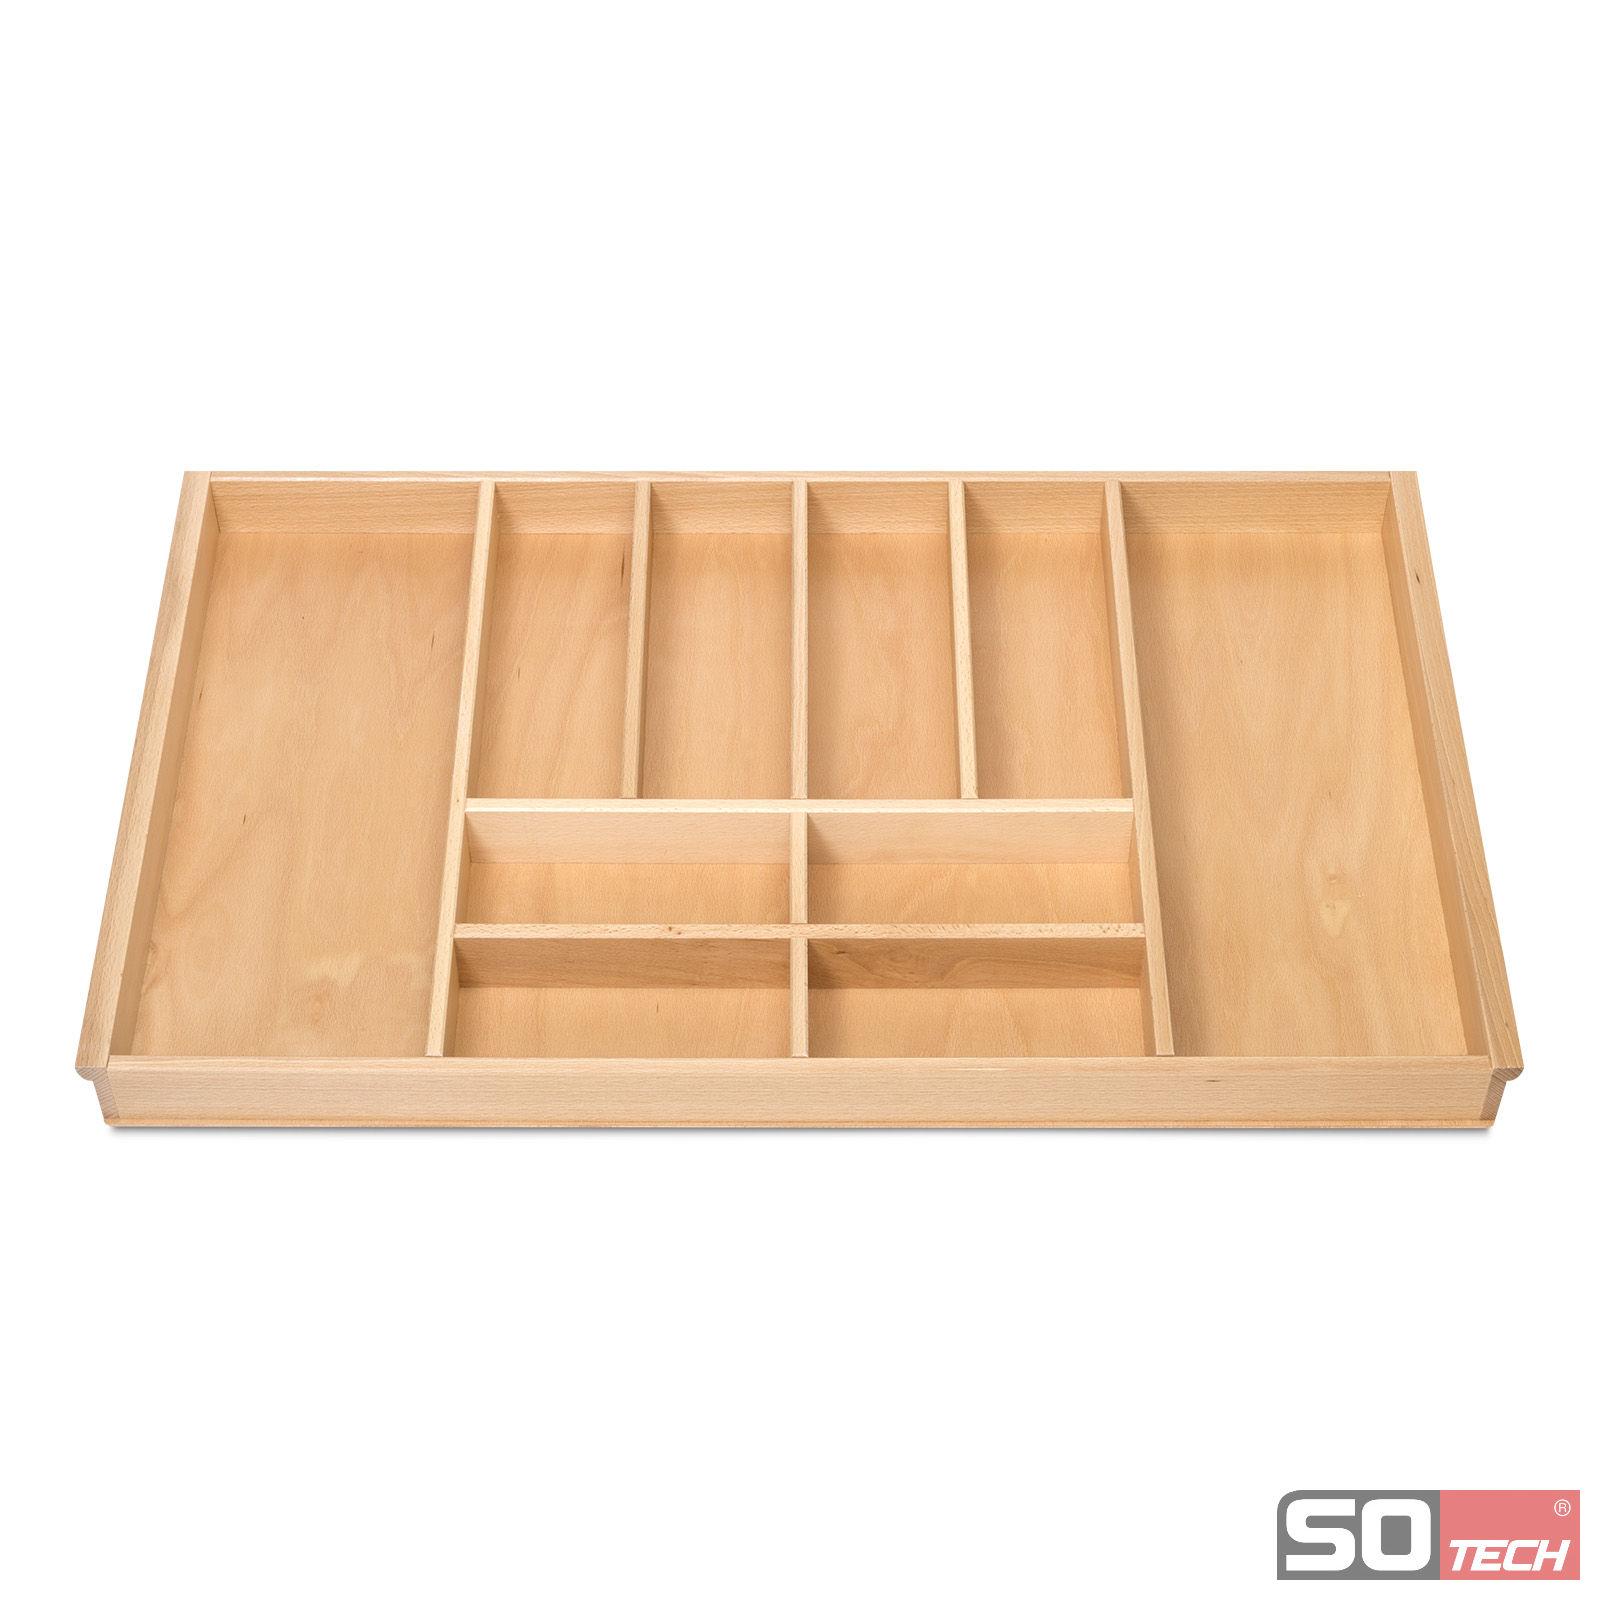 orga box iii holz besteckeinsatz 90 cm buche schubladeneinsatz u a f r nobilia ebay. Black Bedroom Furniture Sets. Home Design Ideas